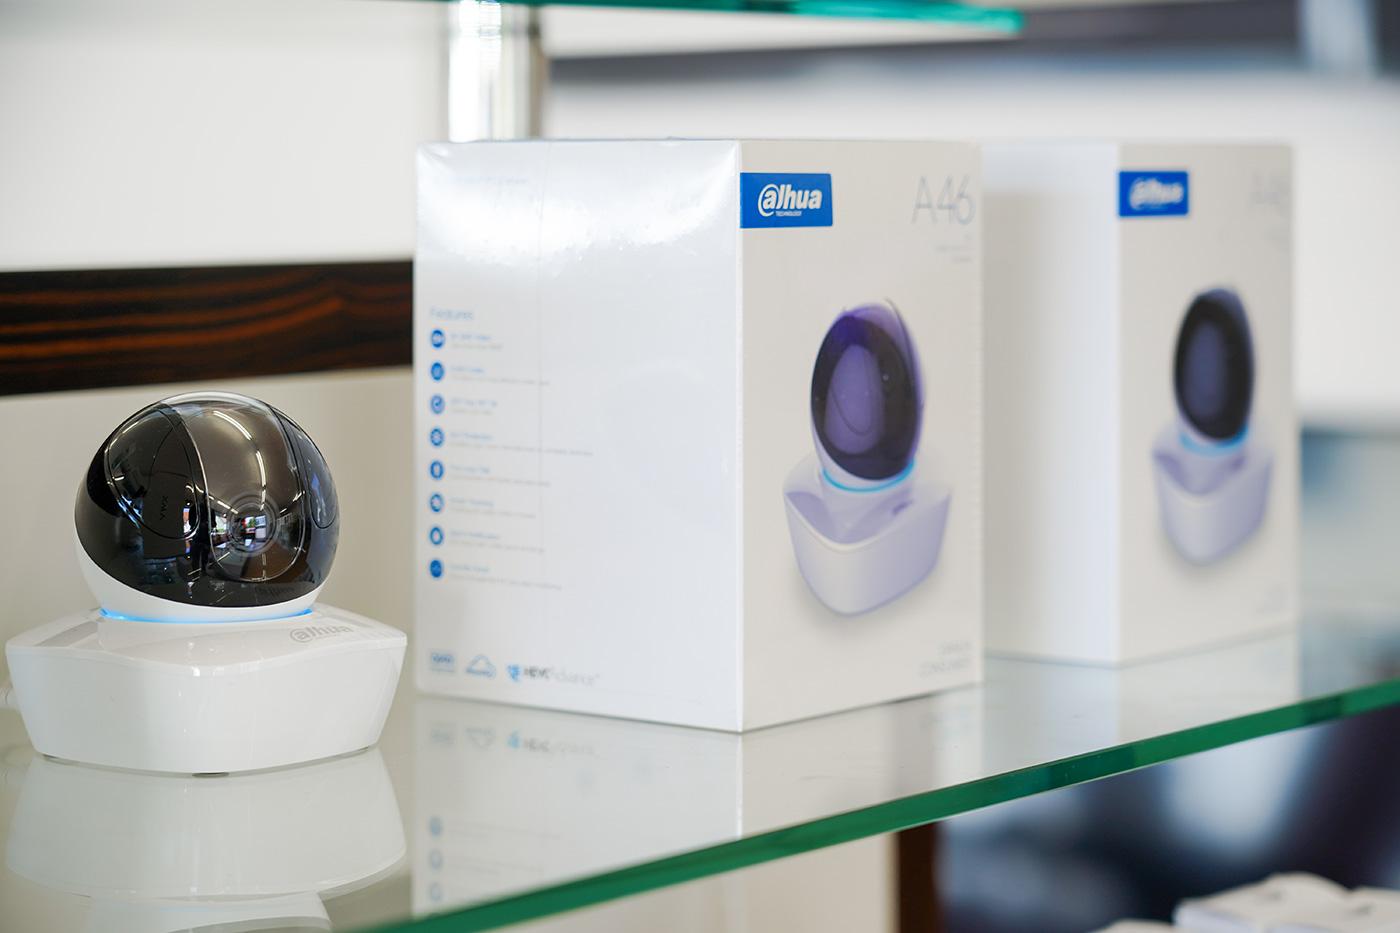 Überwachungskamera, diverse Modelle im Showroom auf Tablar